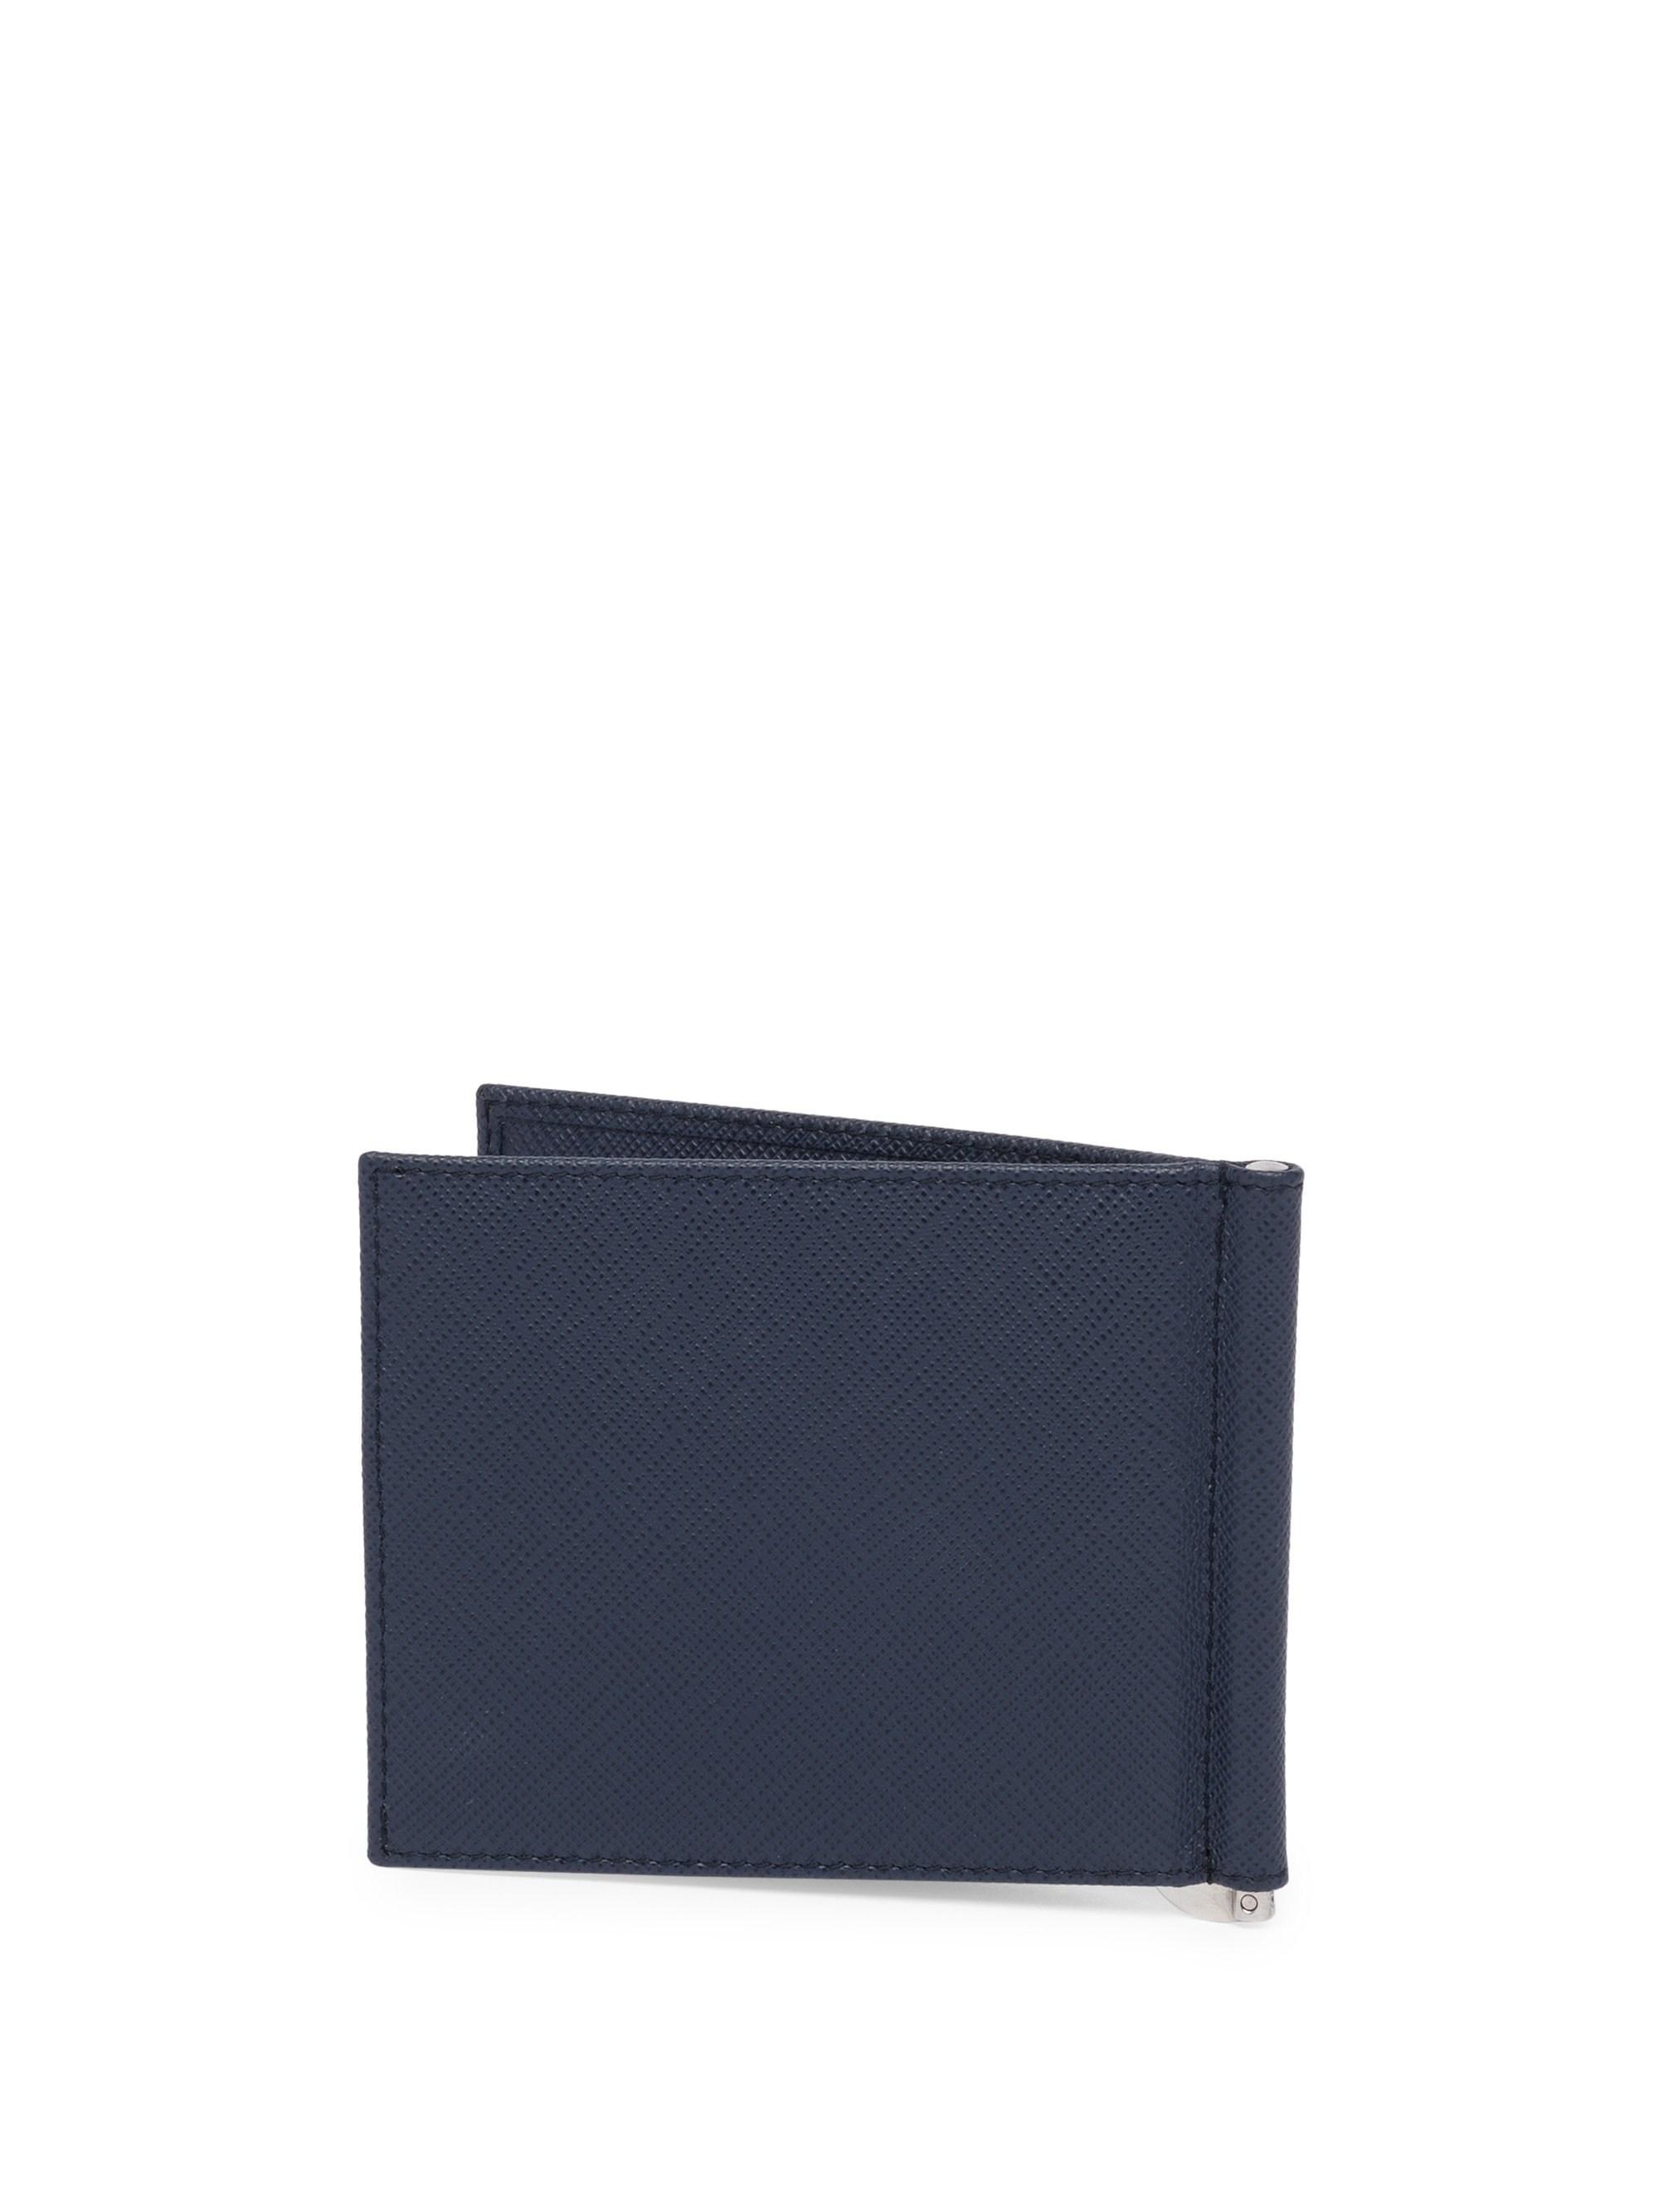 fbcc125714867f Prada Men's Saffiano Leather Triangolo Billfold Wallet - Baltico in Blue  for Men - Lyst